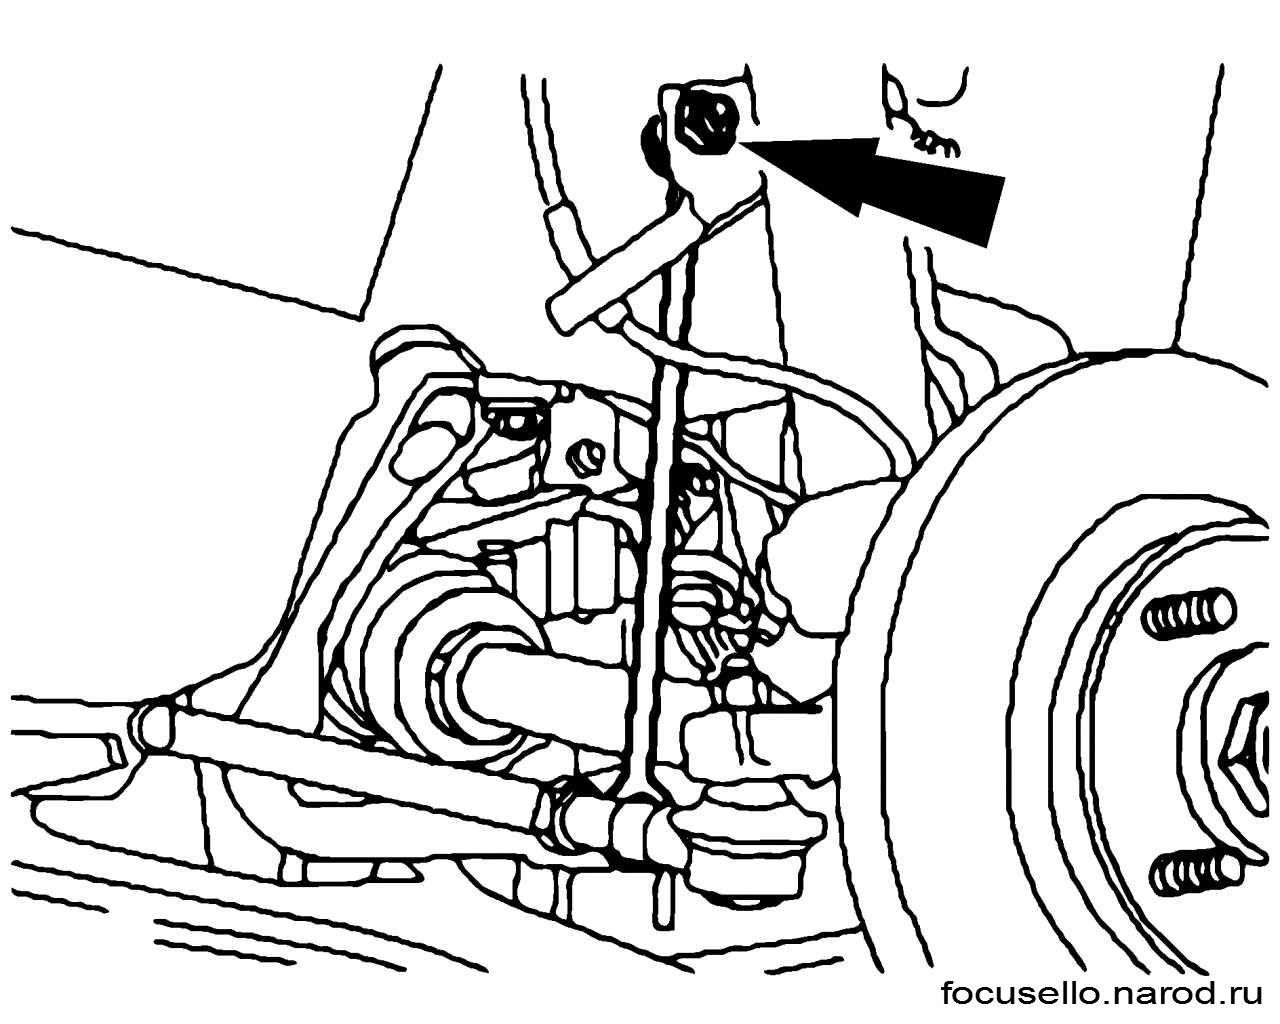 Стойки стабилизатора передние форд мондео 4 25 фотография